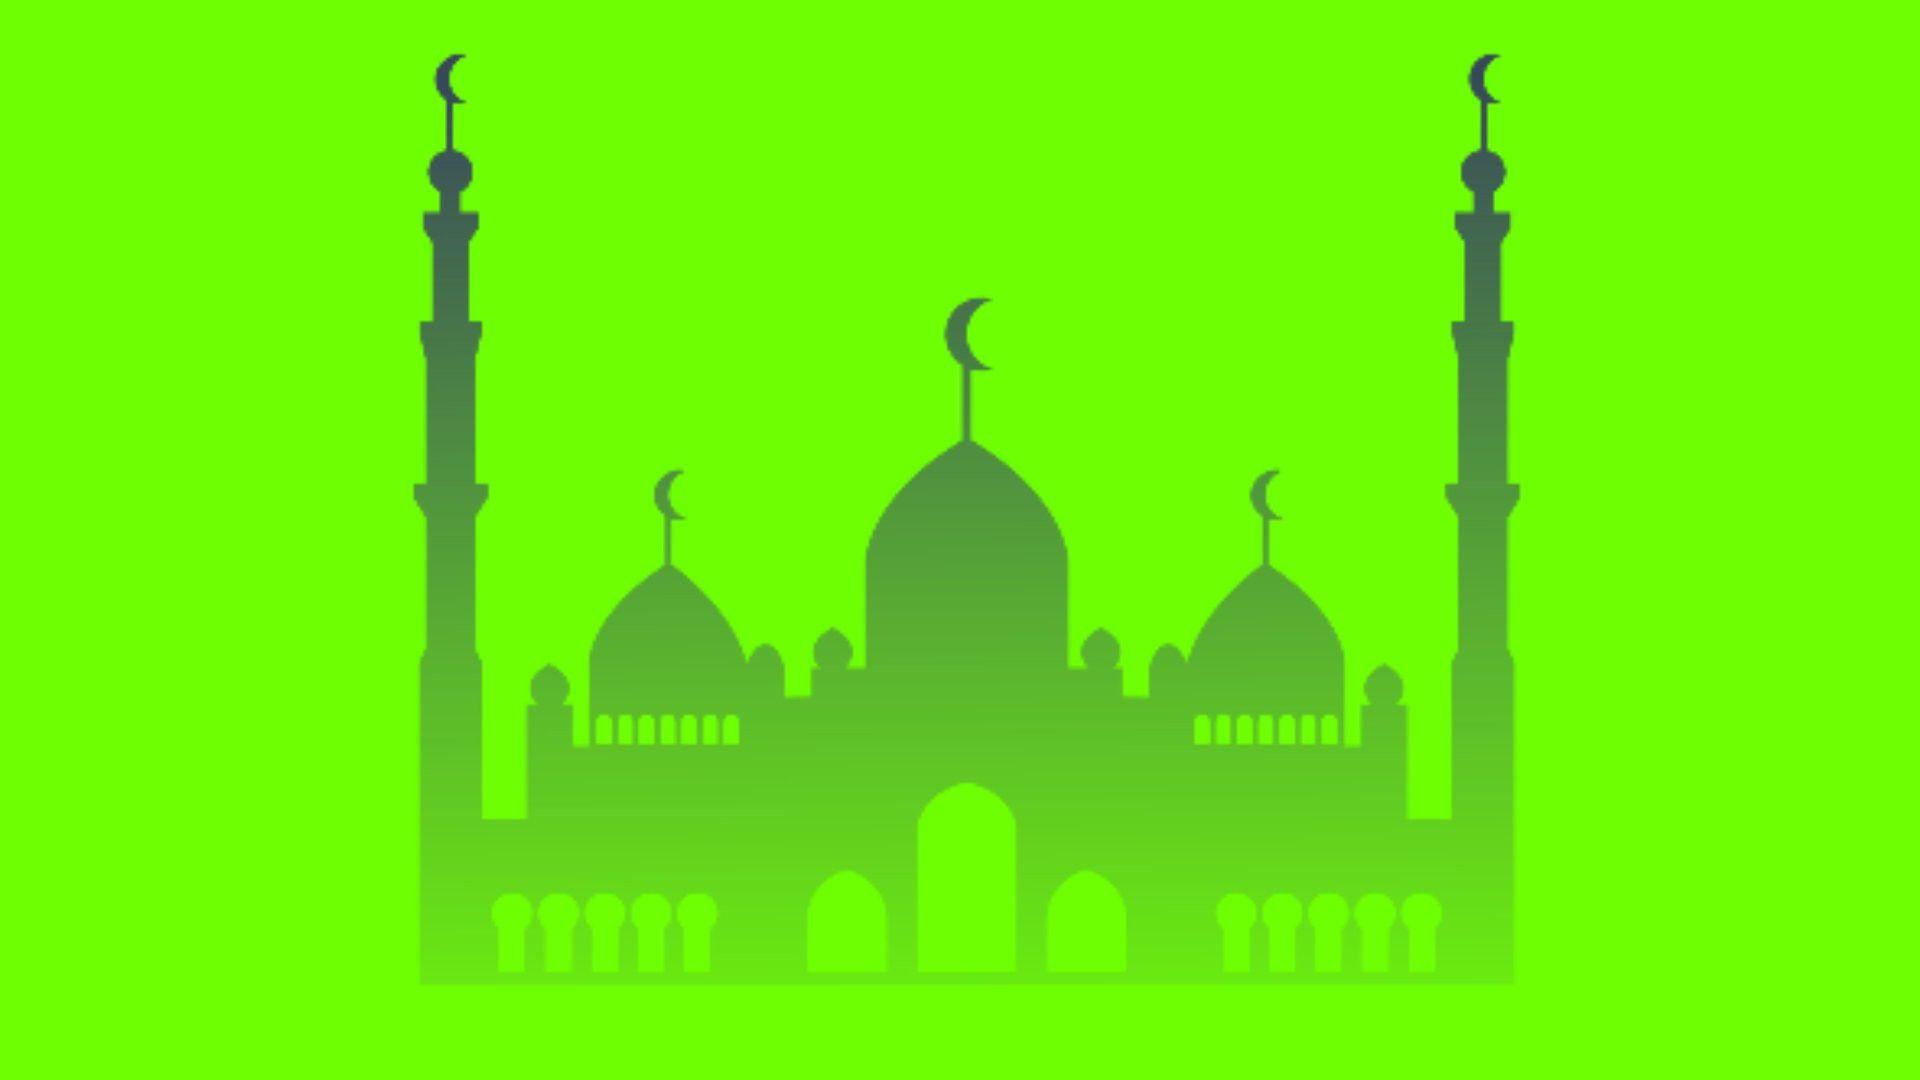 Green Screen Masjid Animasi